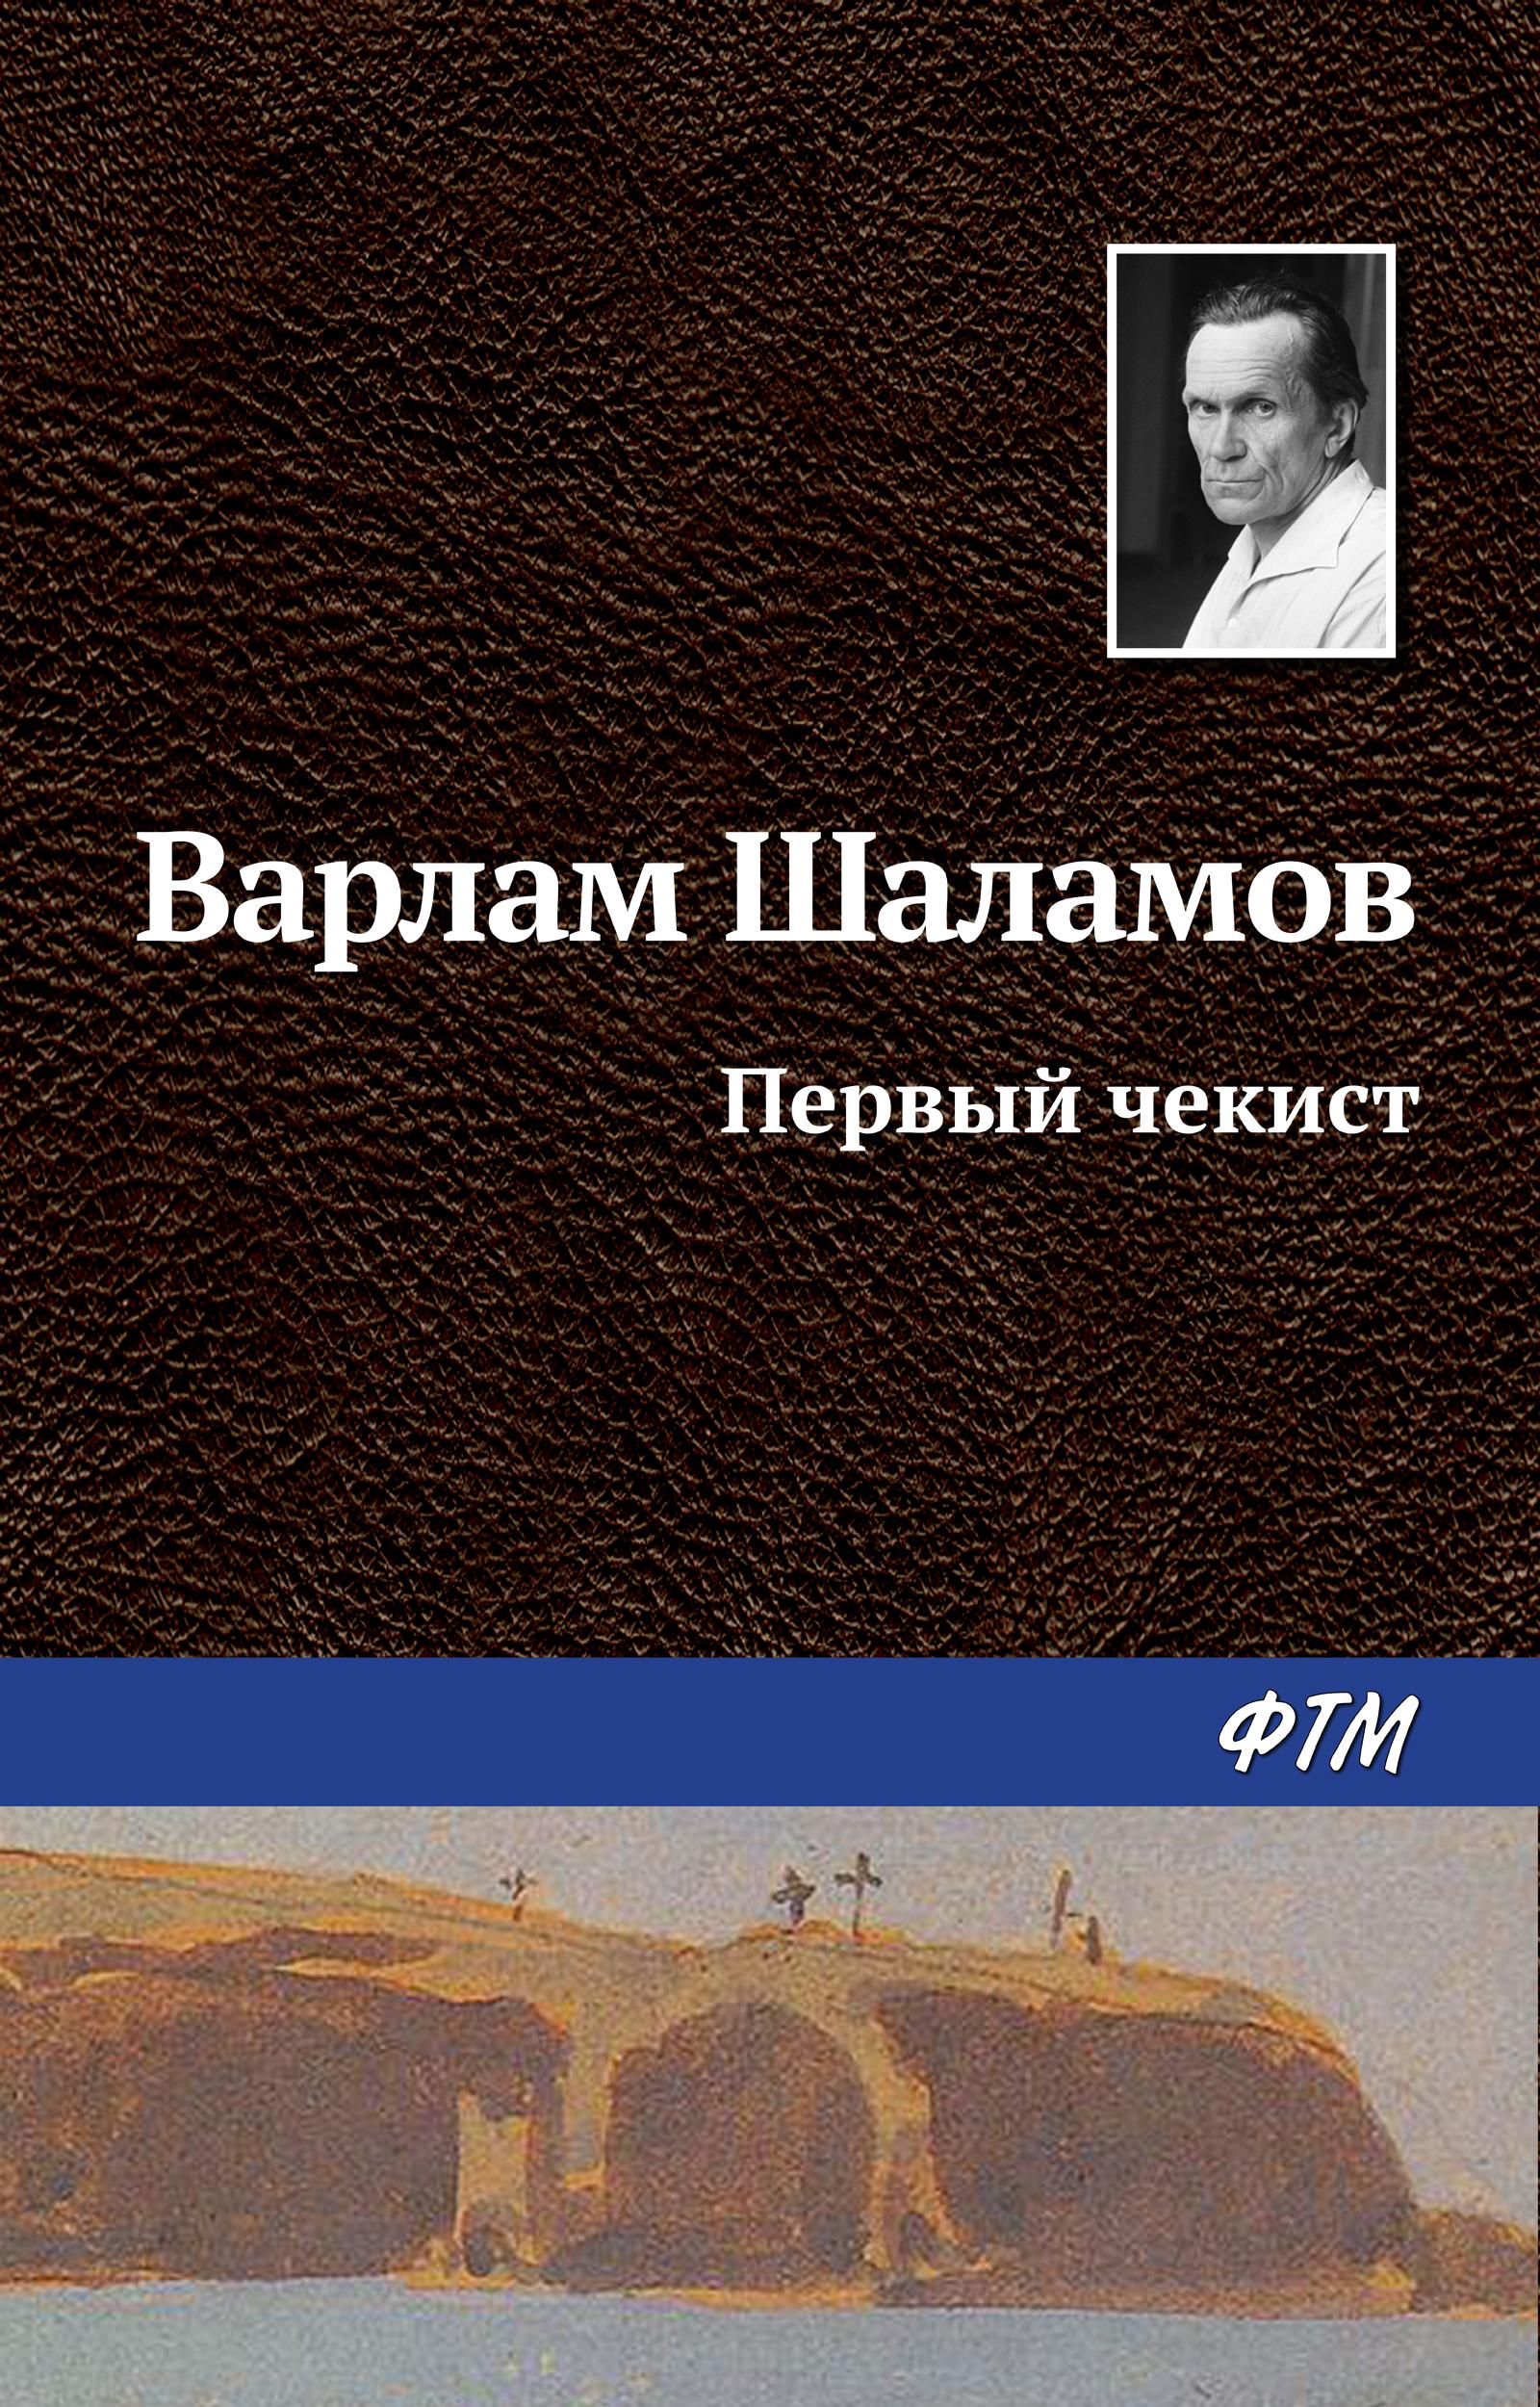 Варлам Шаламов Первый чекист солдатские сказки